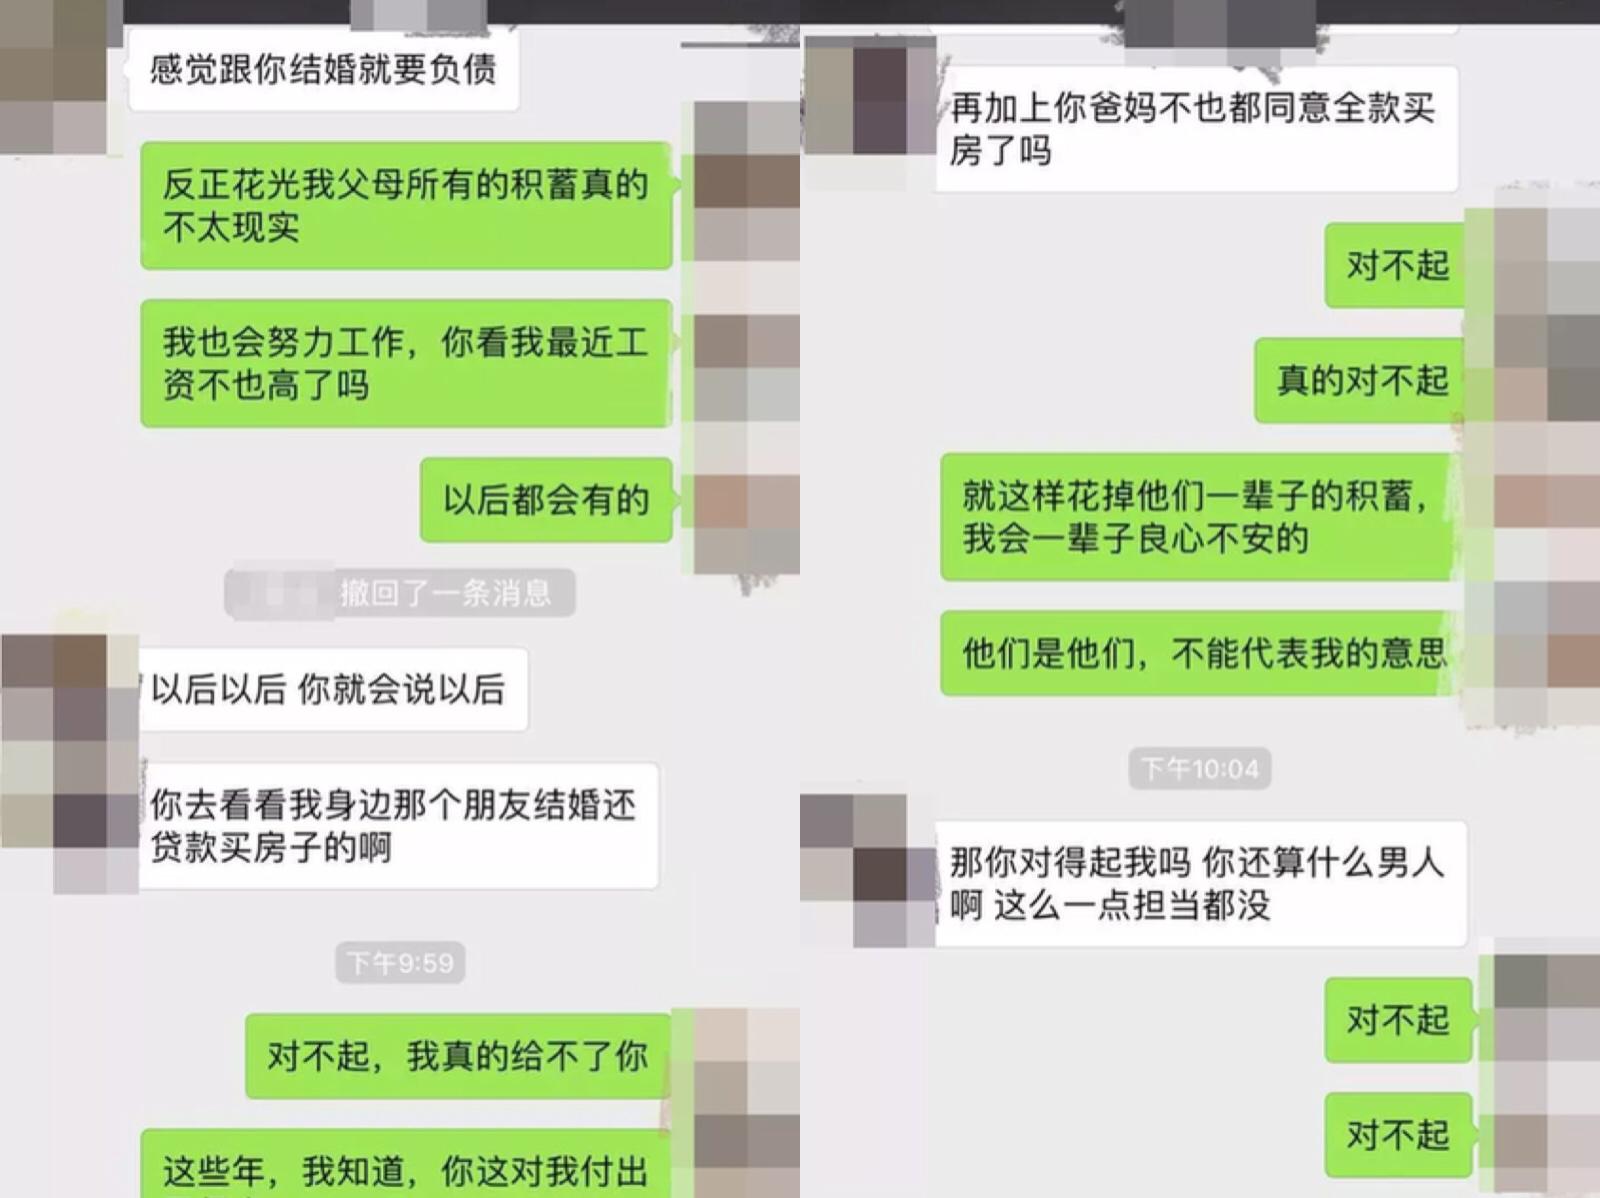 买房才结婚的这个混蛋逻辑,伤害了多少中国男人 轻松一刻 第2张